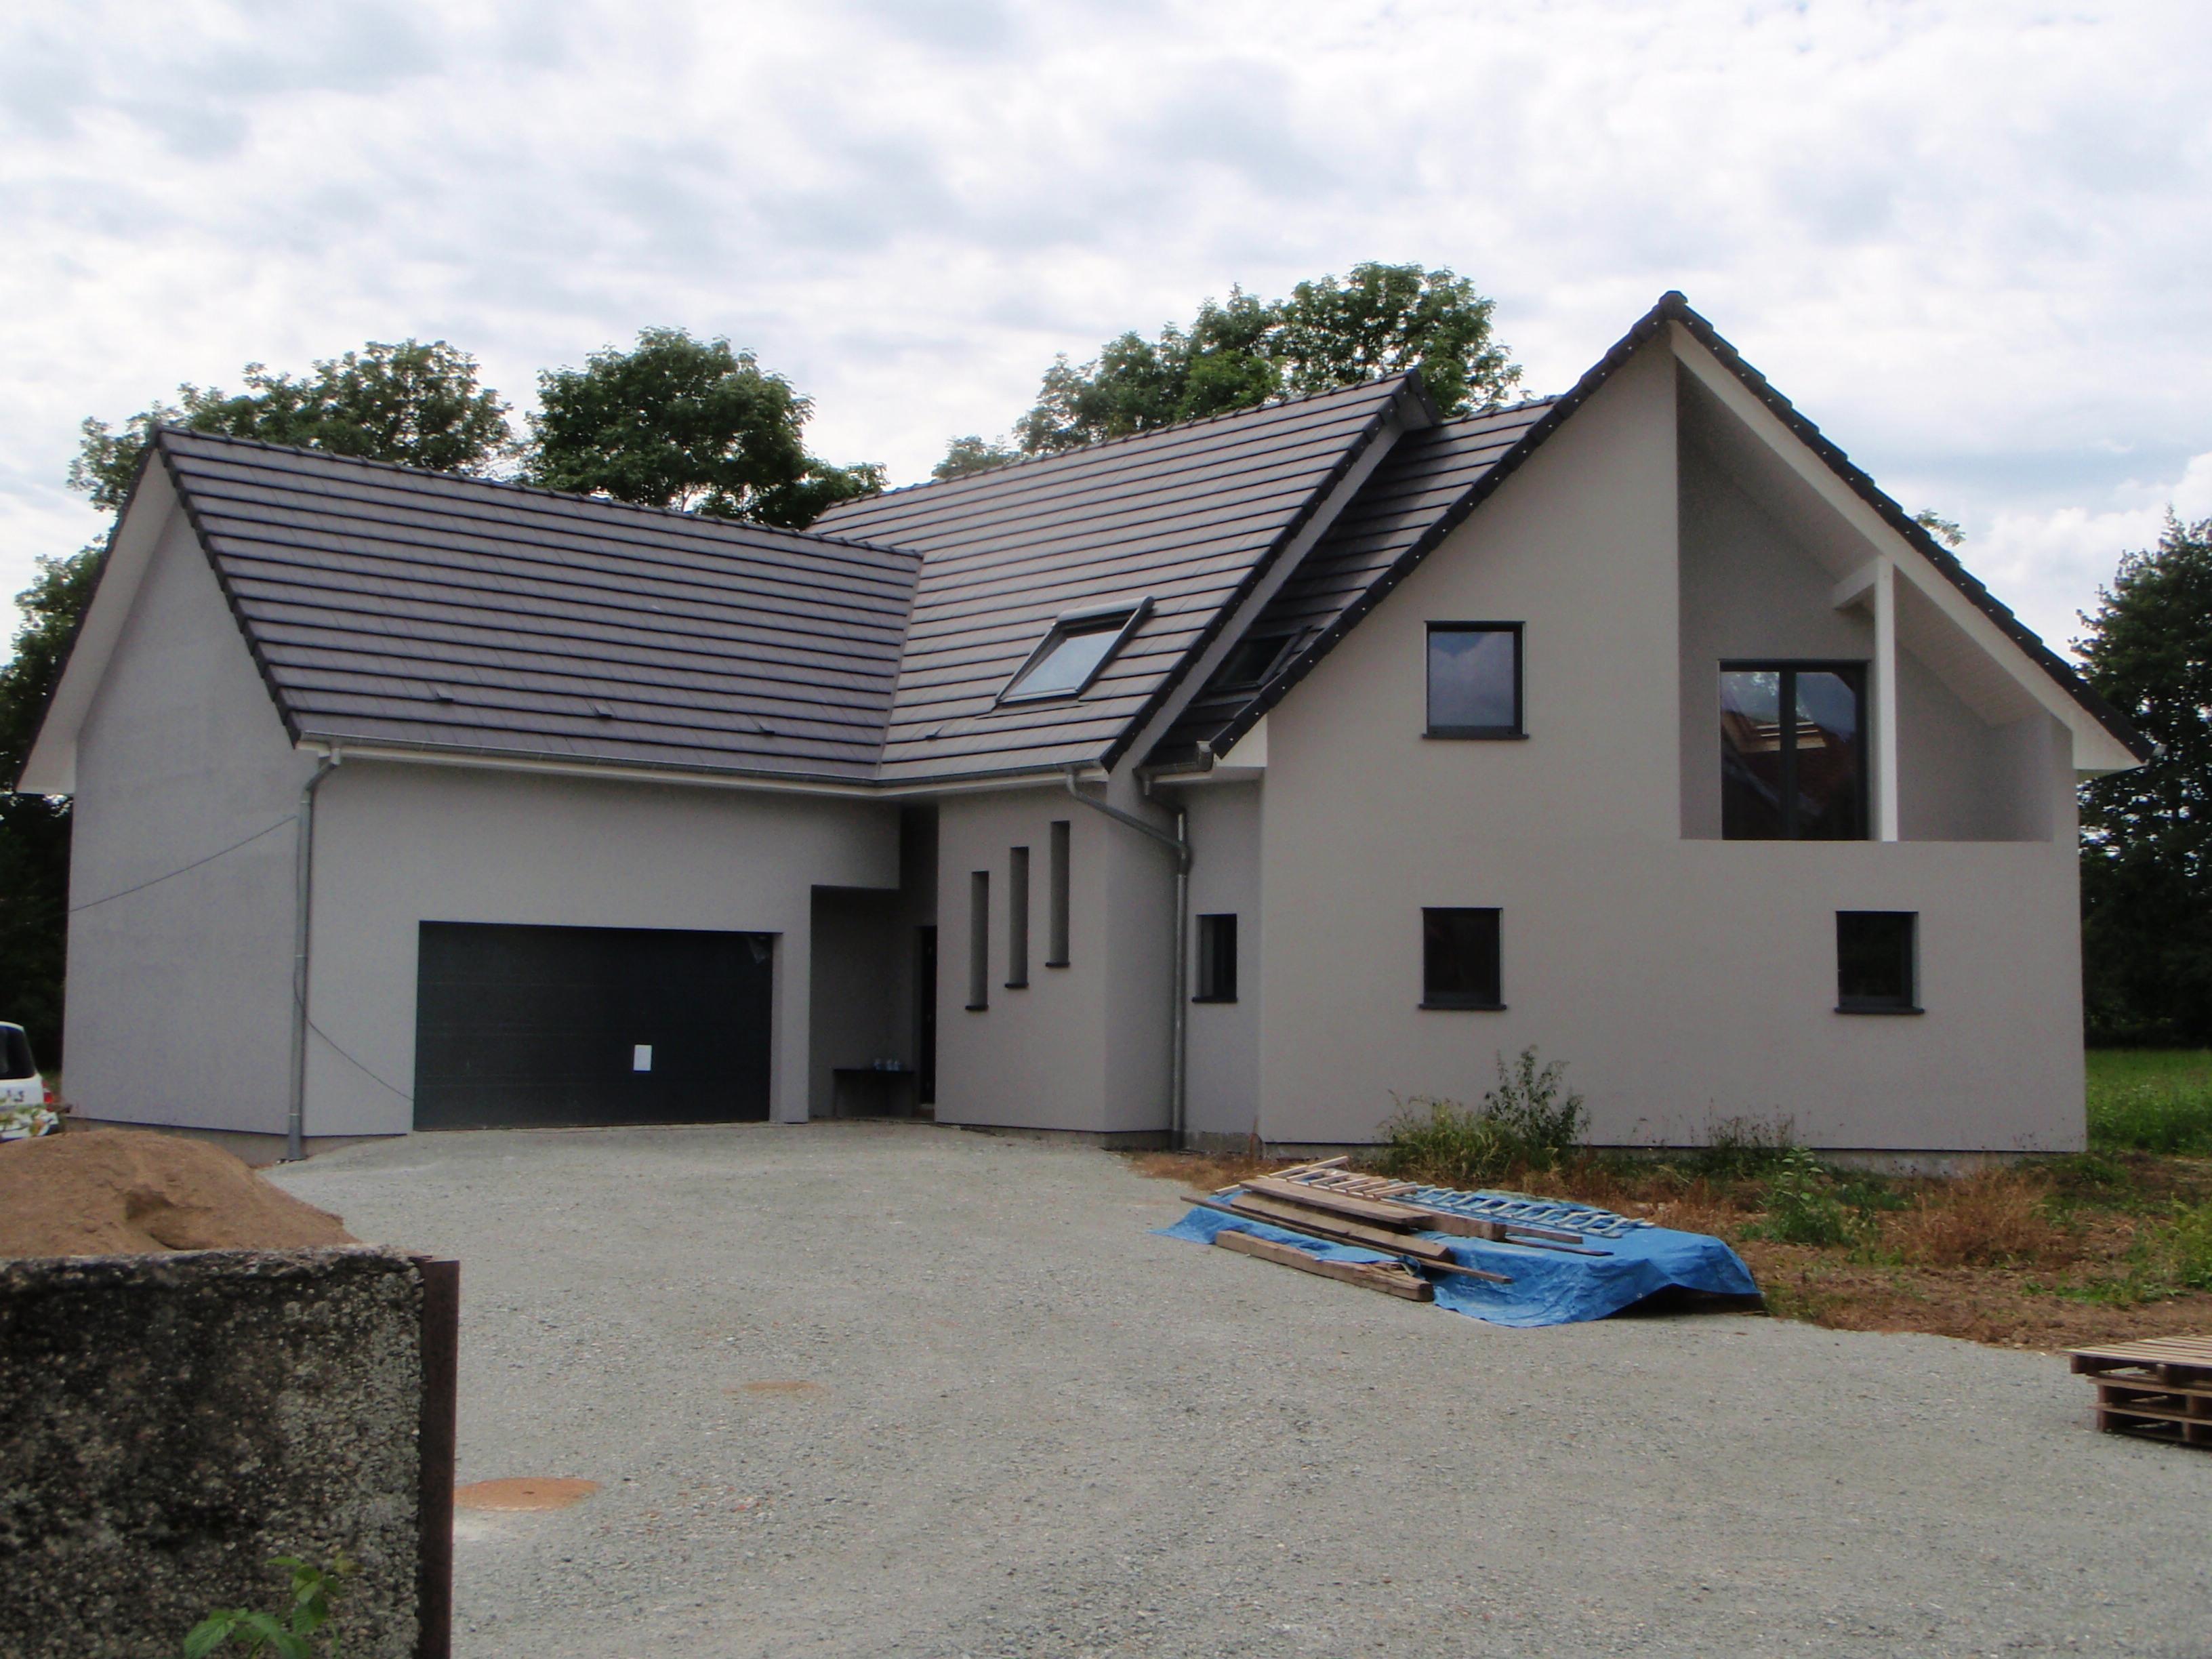 maison en ossature bois avec balcon abt construction bois. Black Bedroom Furniture Sets. Home Design Ideas